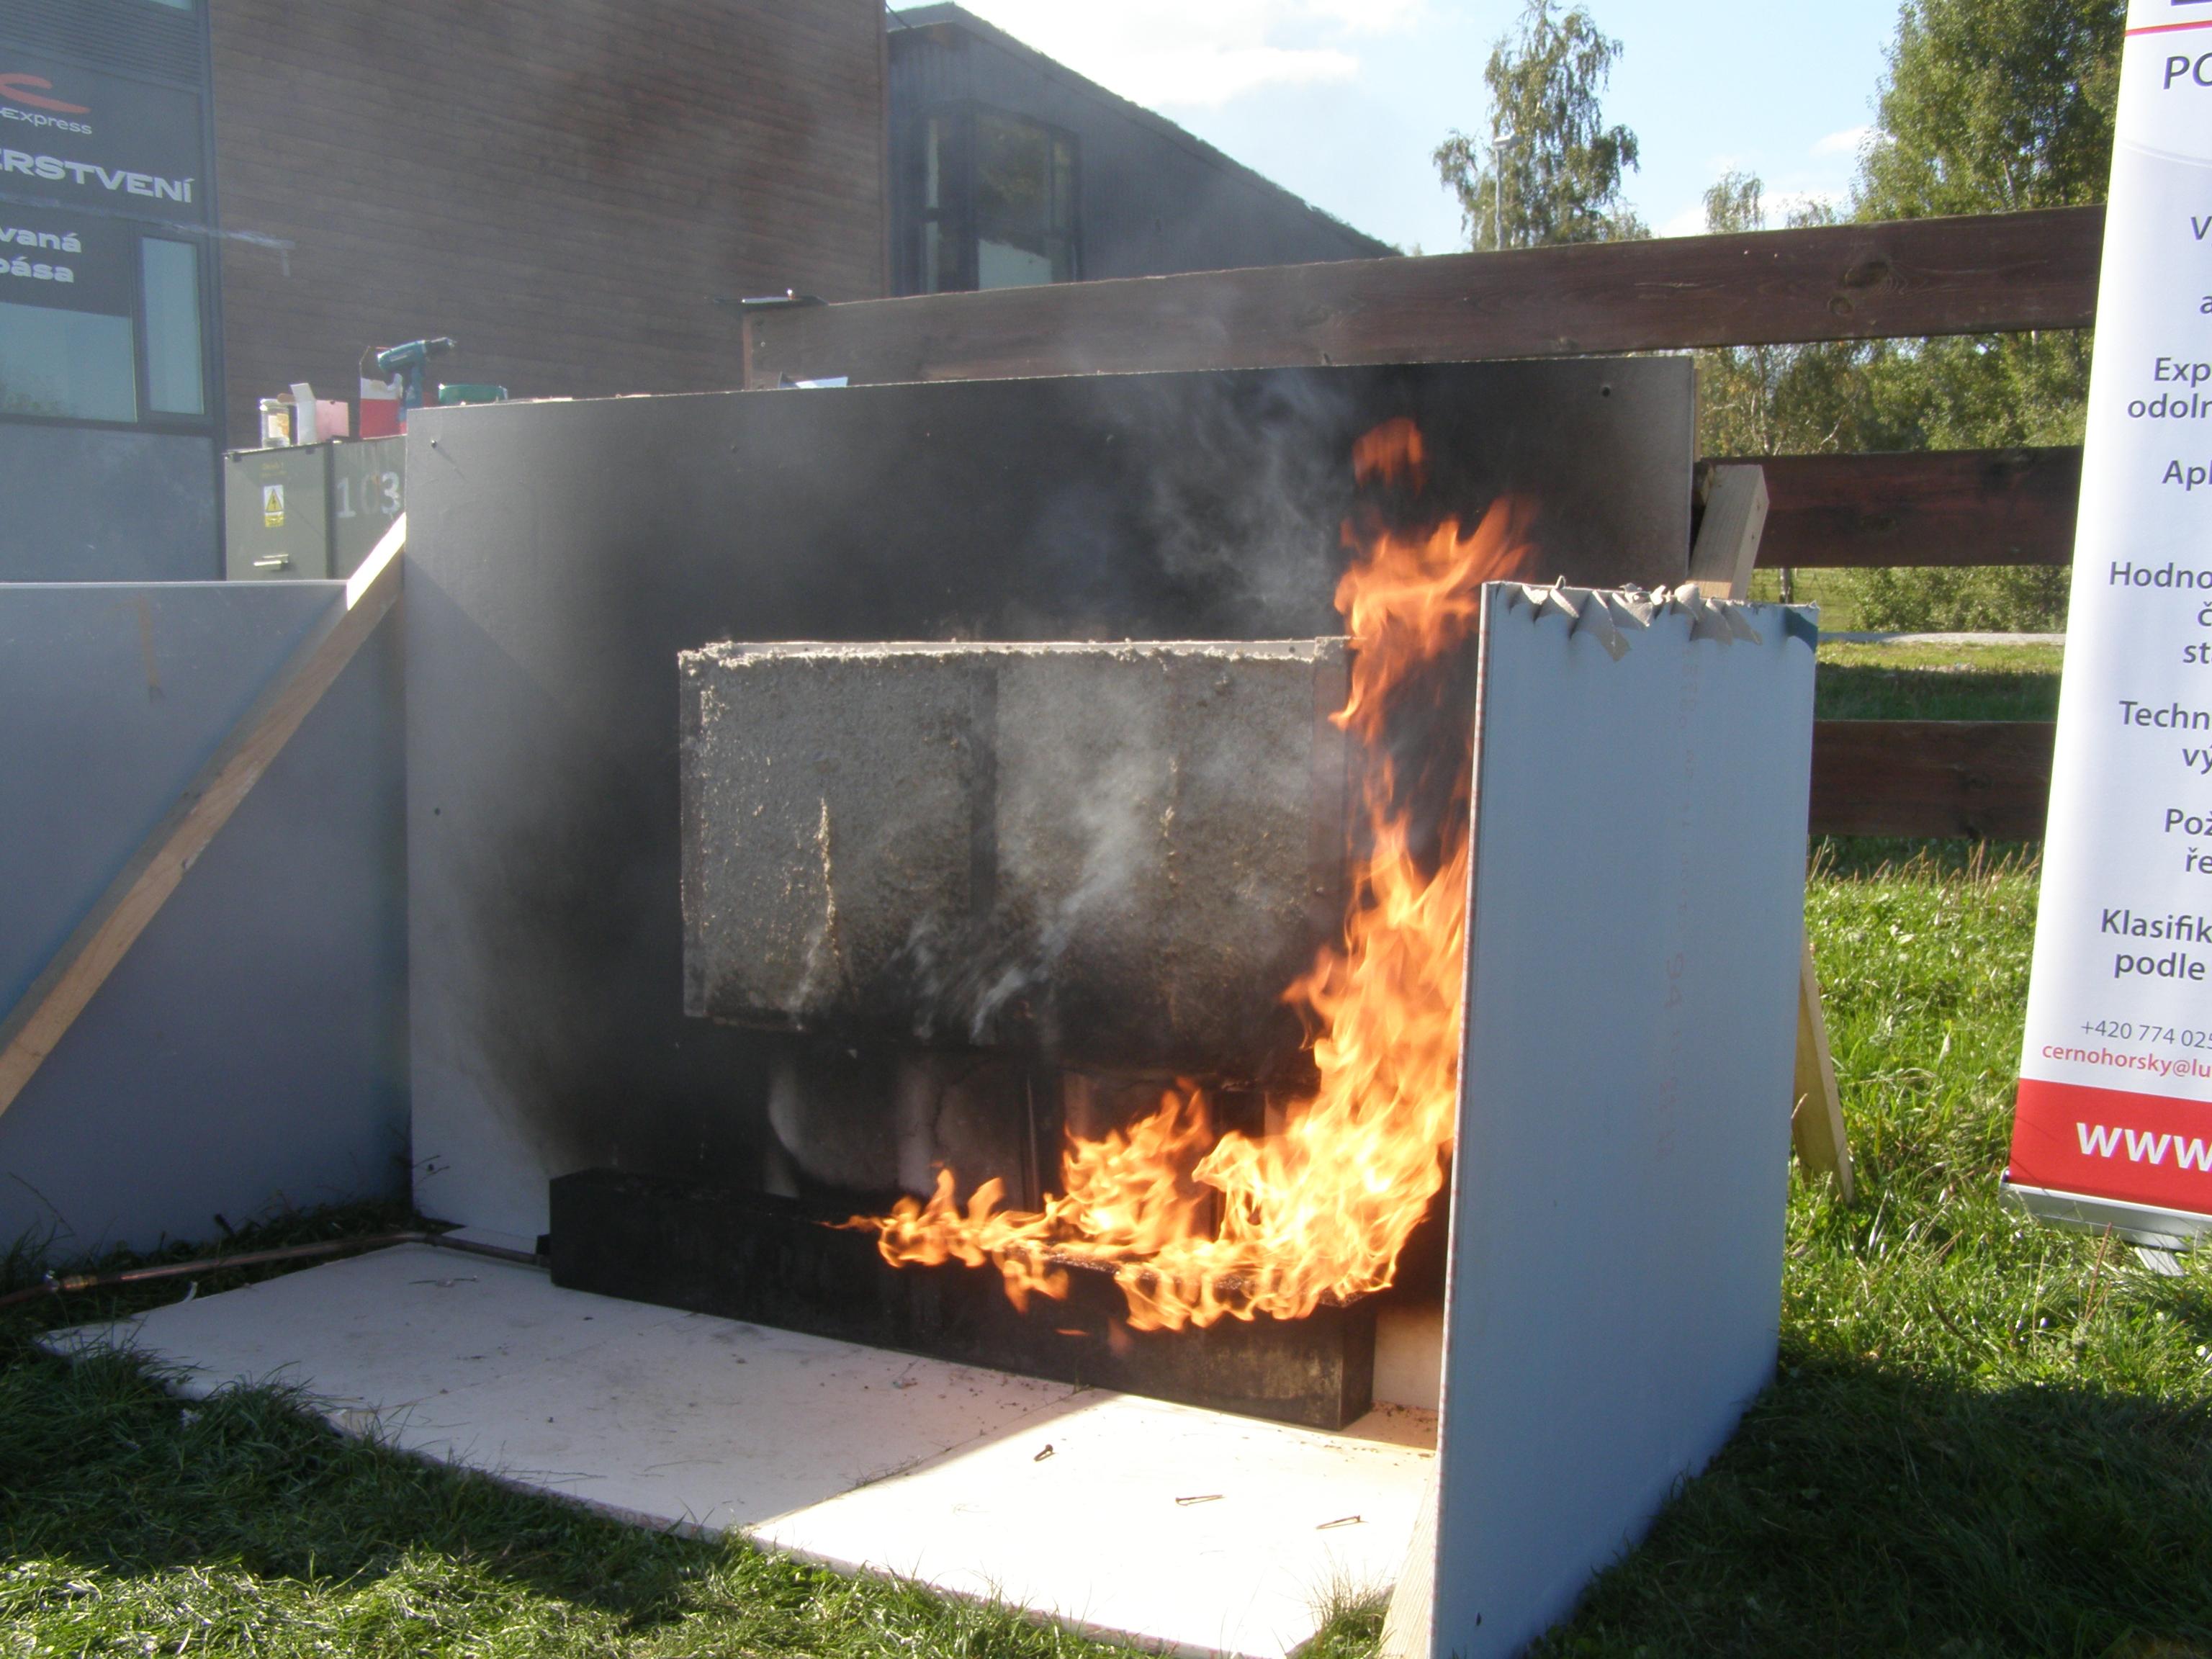 Ukázky hoření materiálů – Celulóza Climacell®